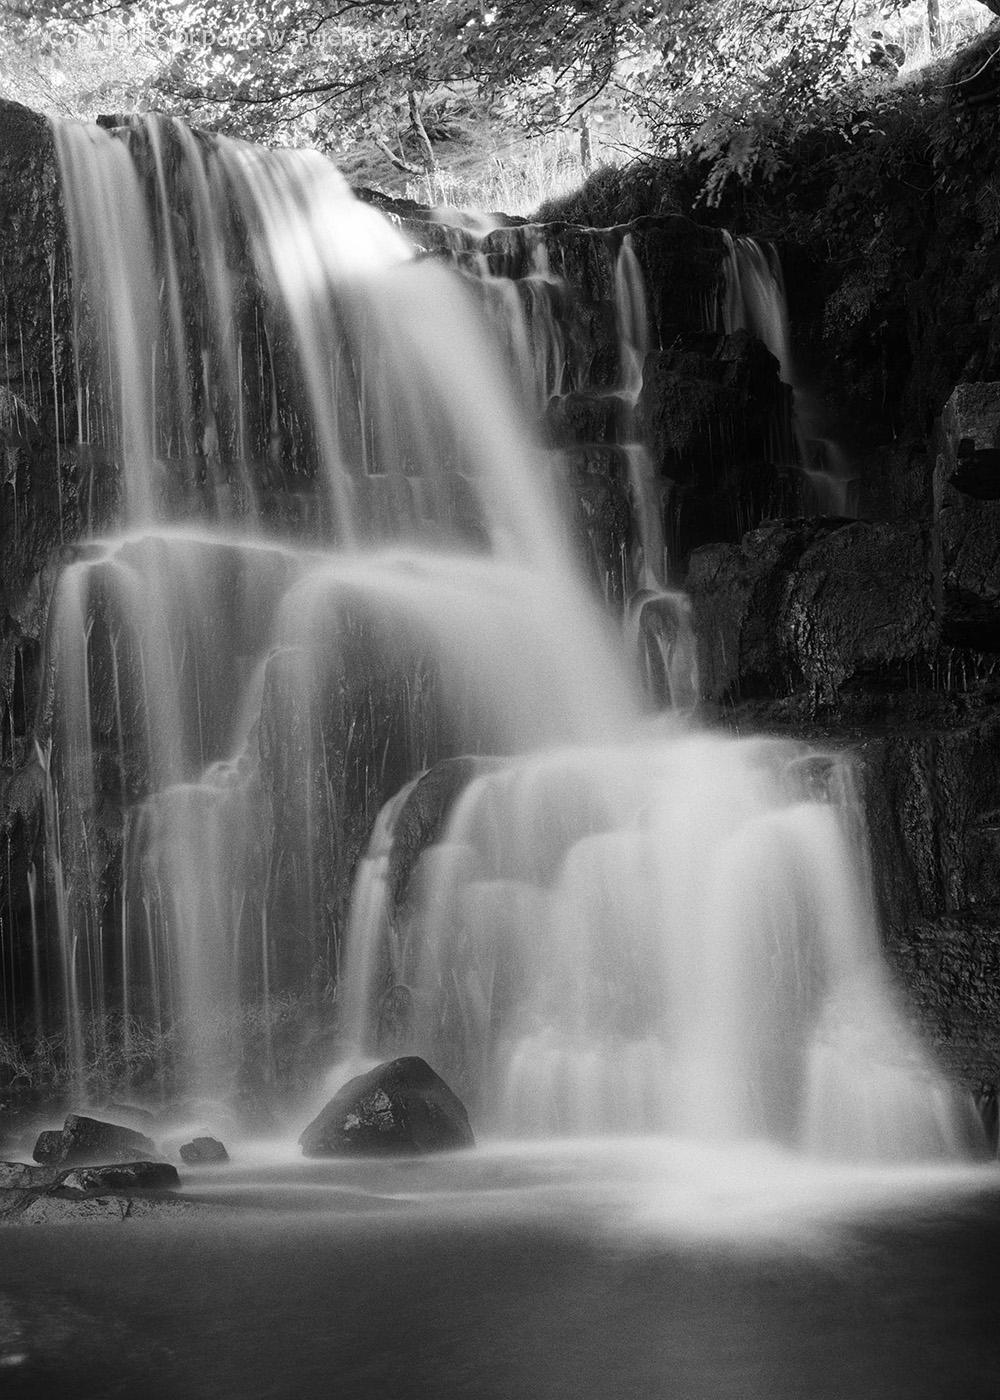 Kisdon Force Upper Falls, Keld, Yorkshire